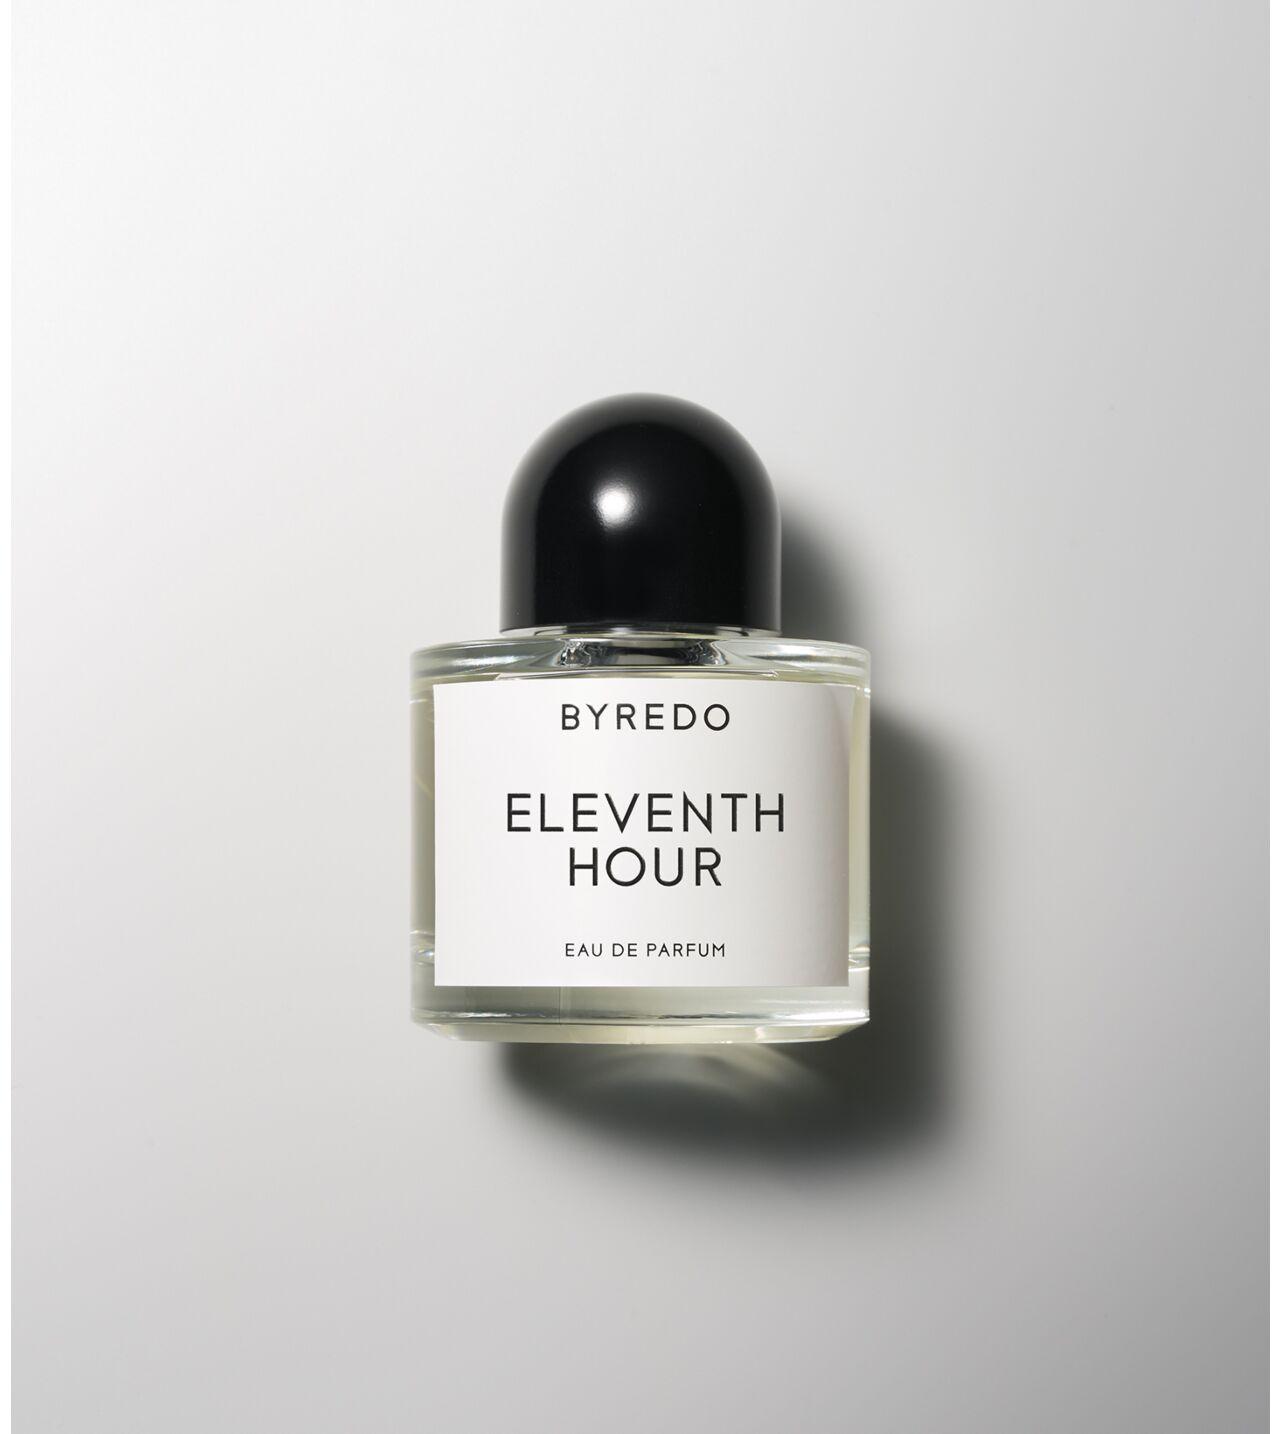 Picture of Byredo Eleventh hour Eau de Parfum